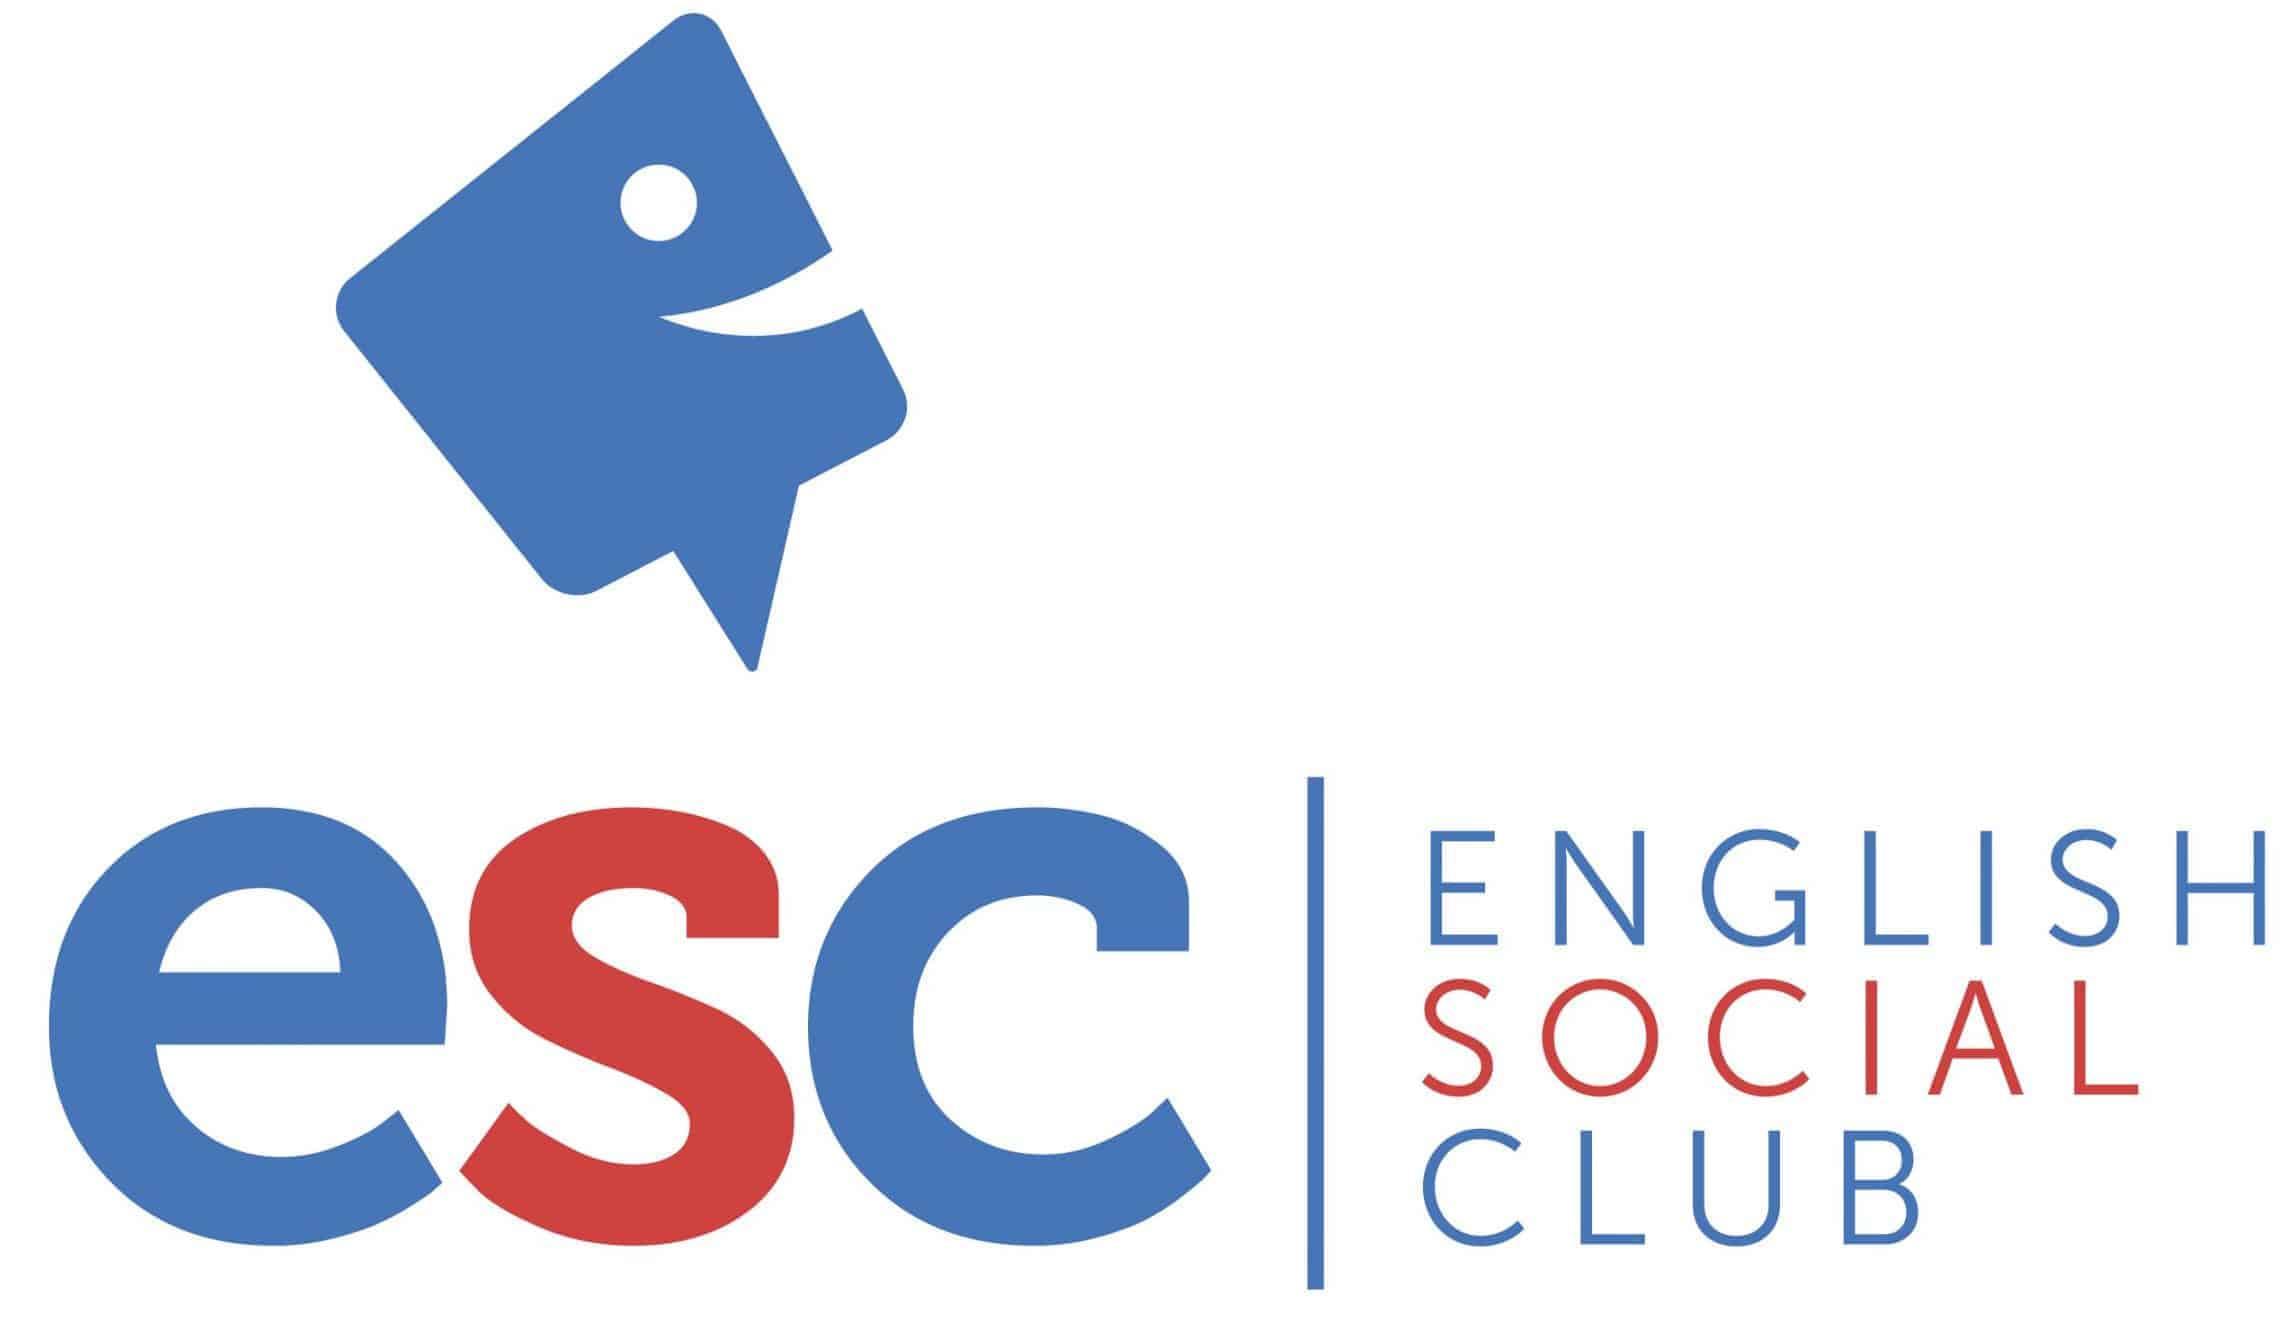 English Social Club